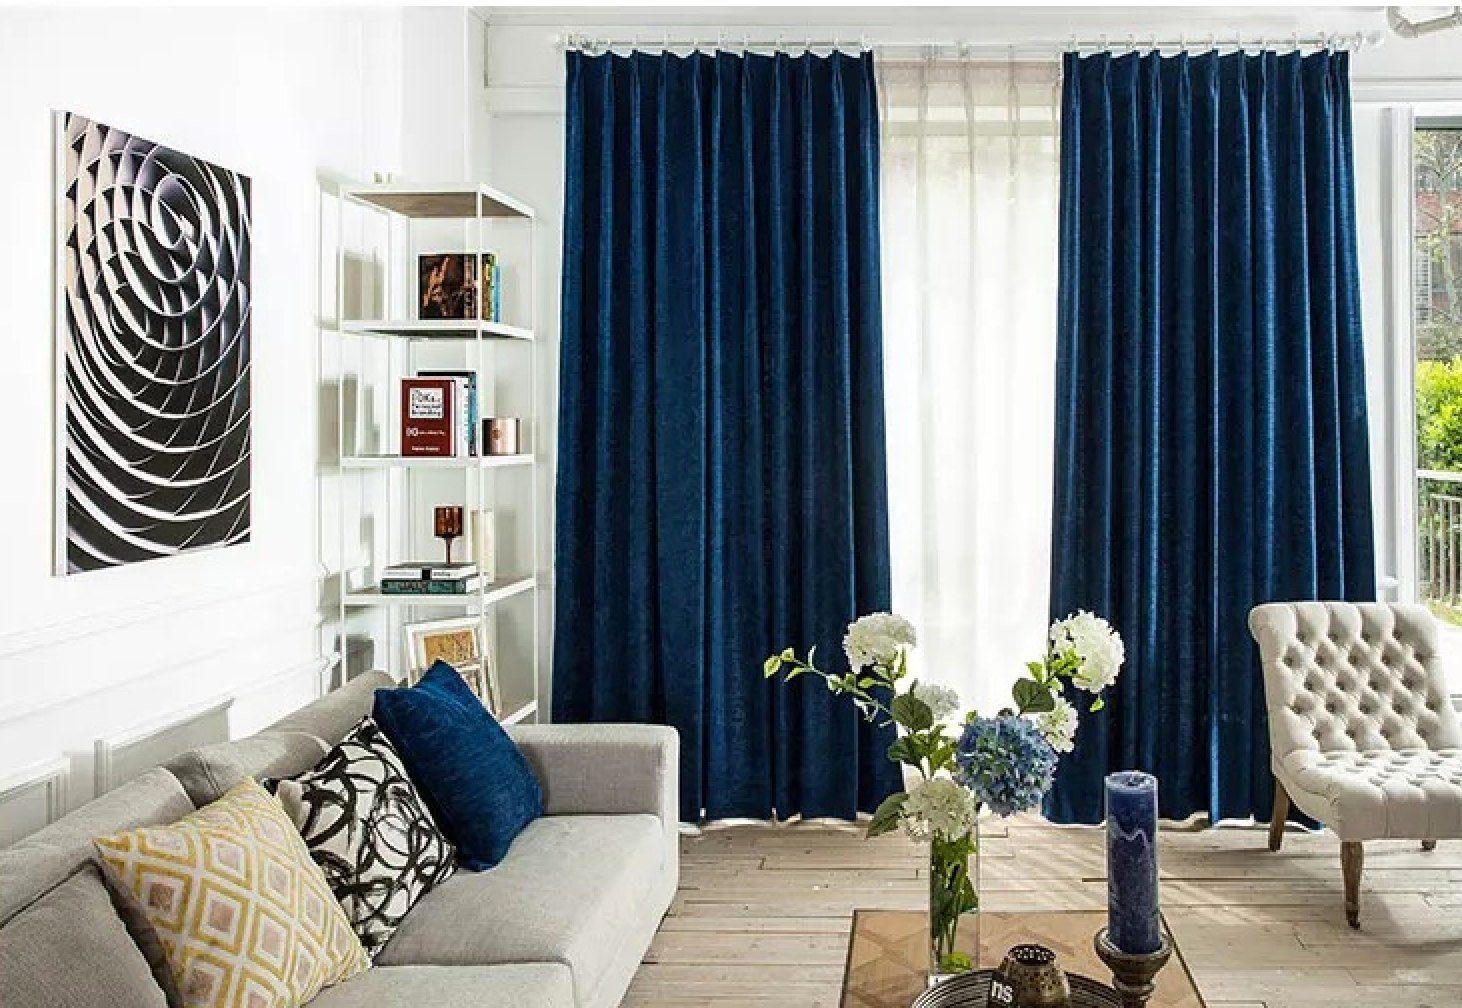 Dark Curtain Navy Blue Drapery Living Room Window Treatment Drape Curtain De Blue Living Room Decor Dark Blue Curtains Living Room Dark Curtains Living Room Blue living room curtains